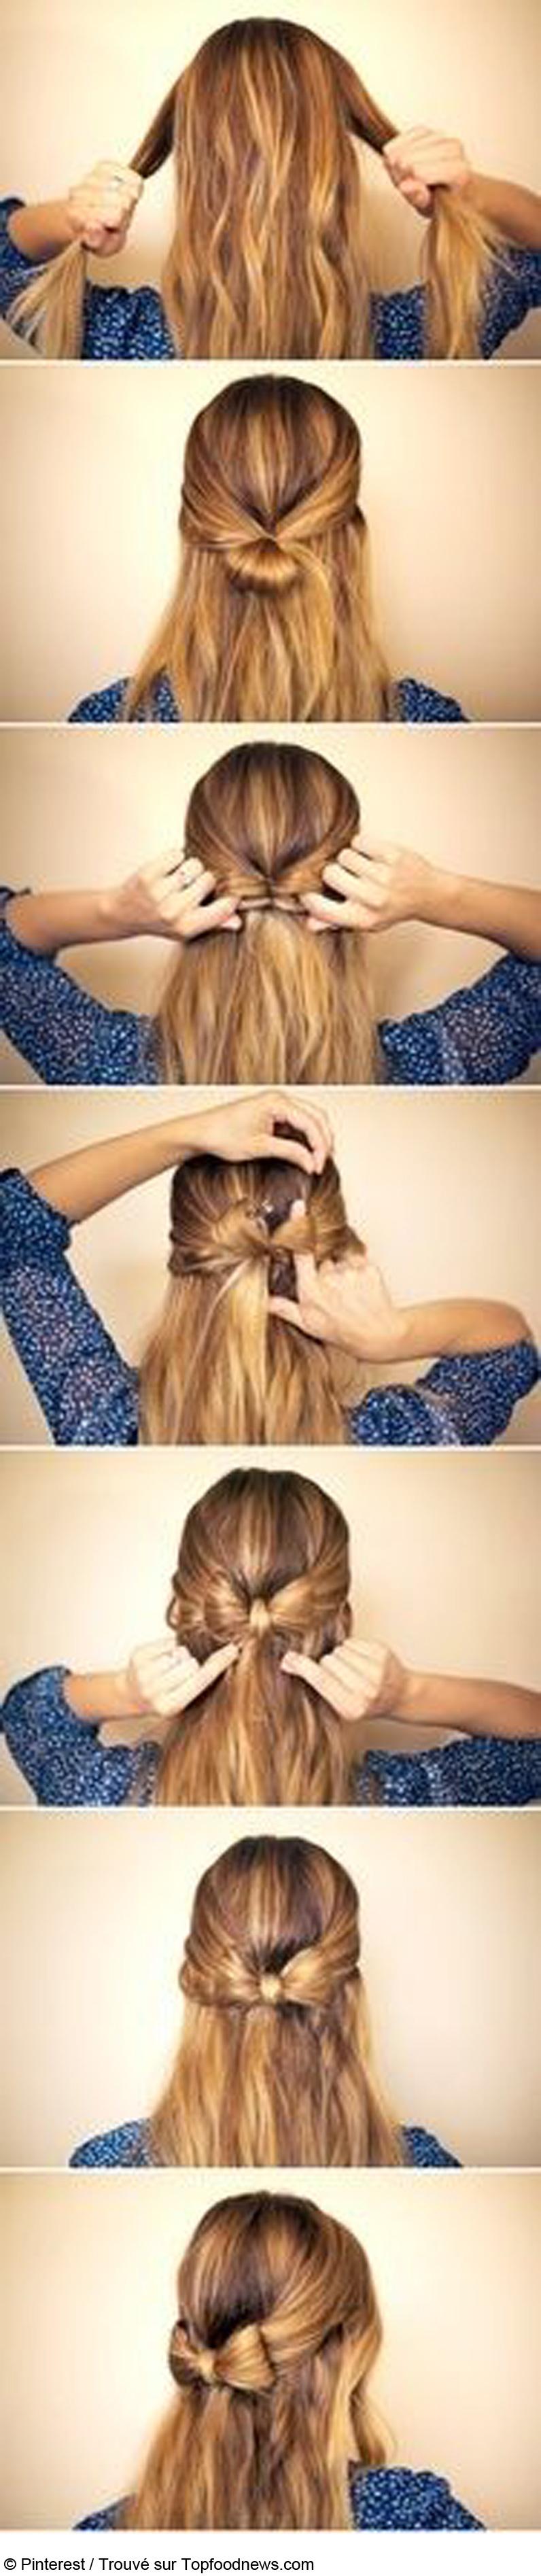 Idée-coiffure-express